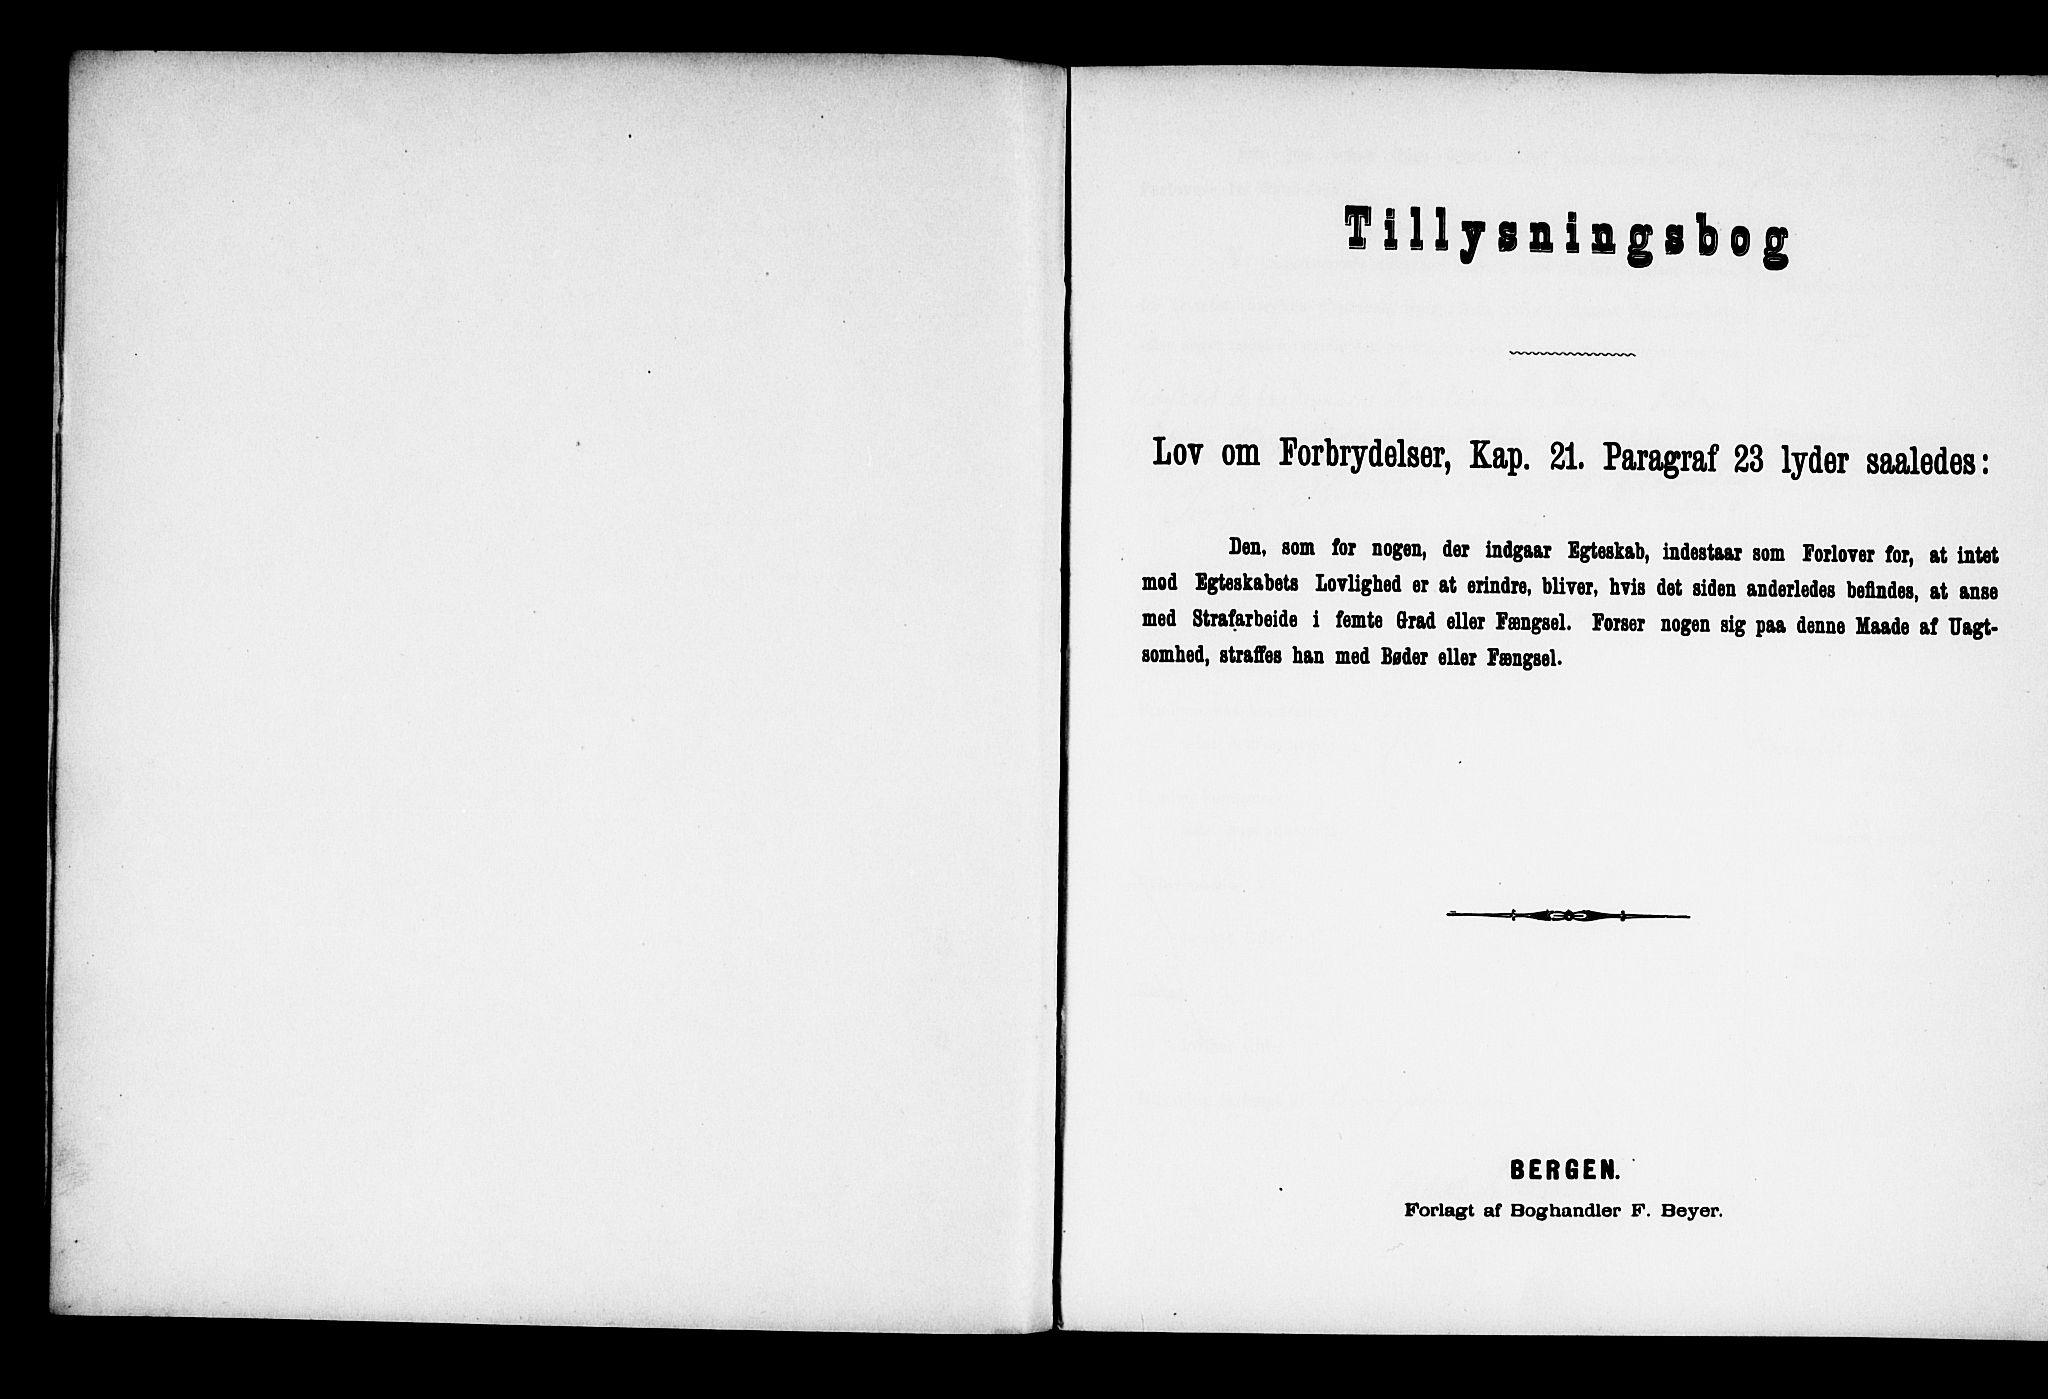 SAH, Ringebu prestekontor, Banns register no. 2, 1886-1894